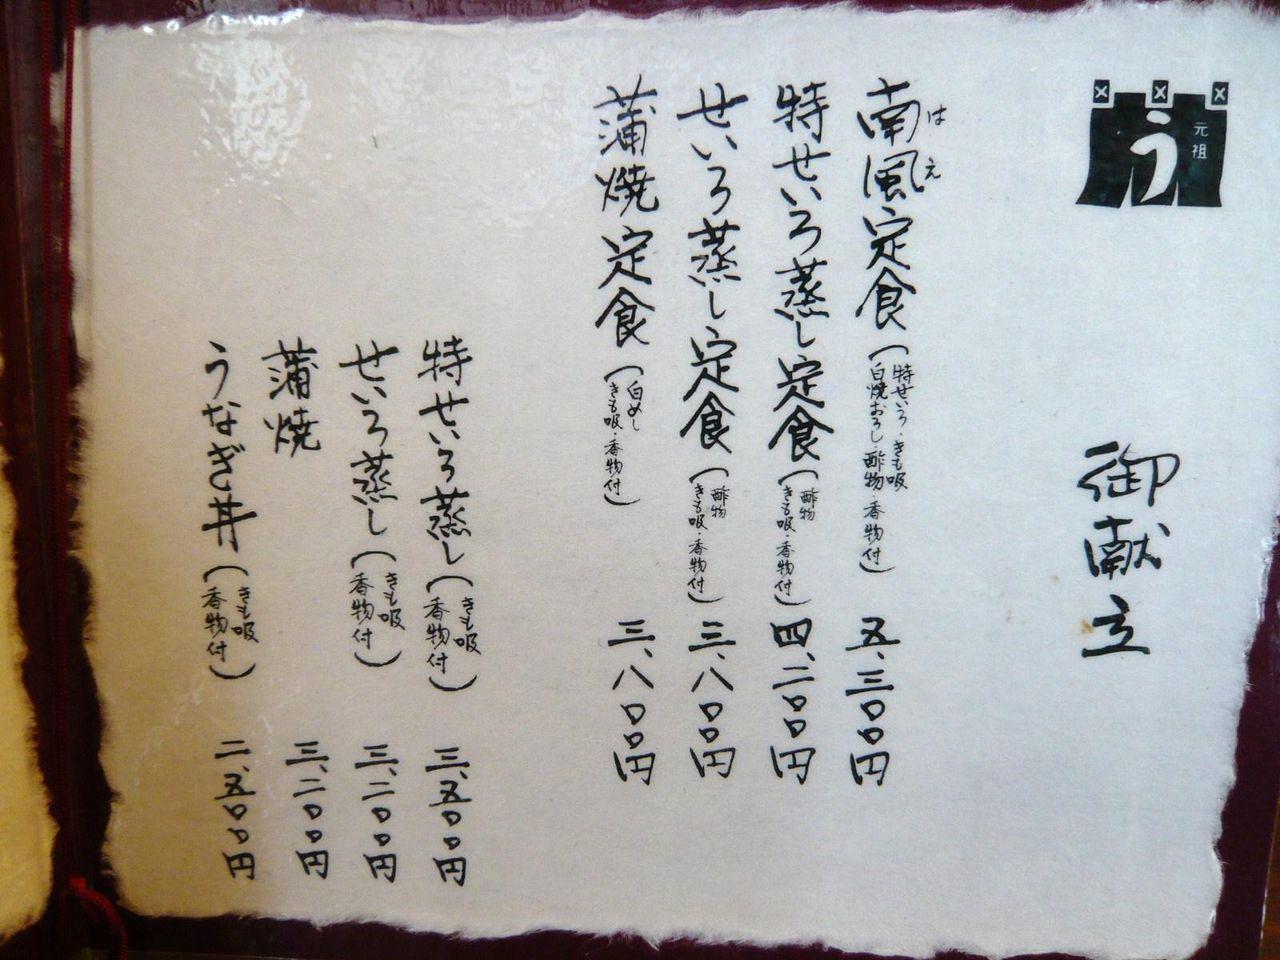 元祖本吉屋のメニュー(24年6月現在)